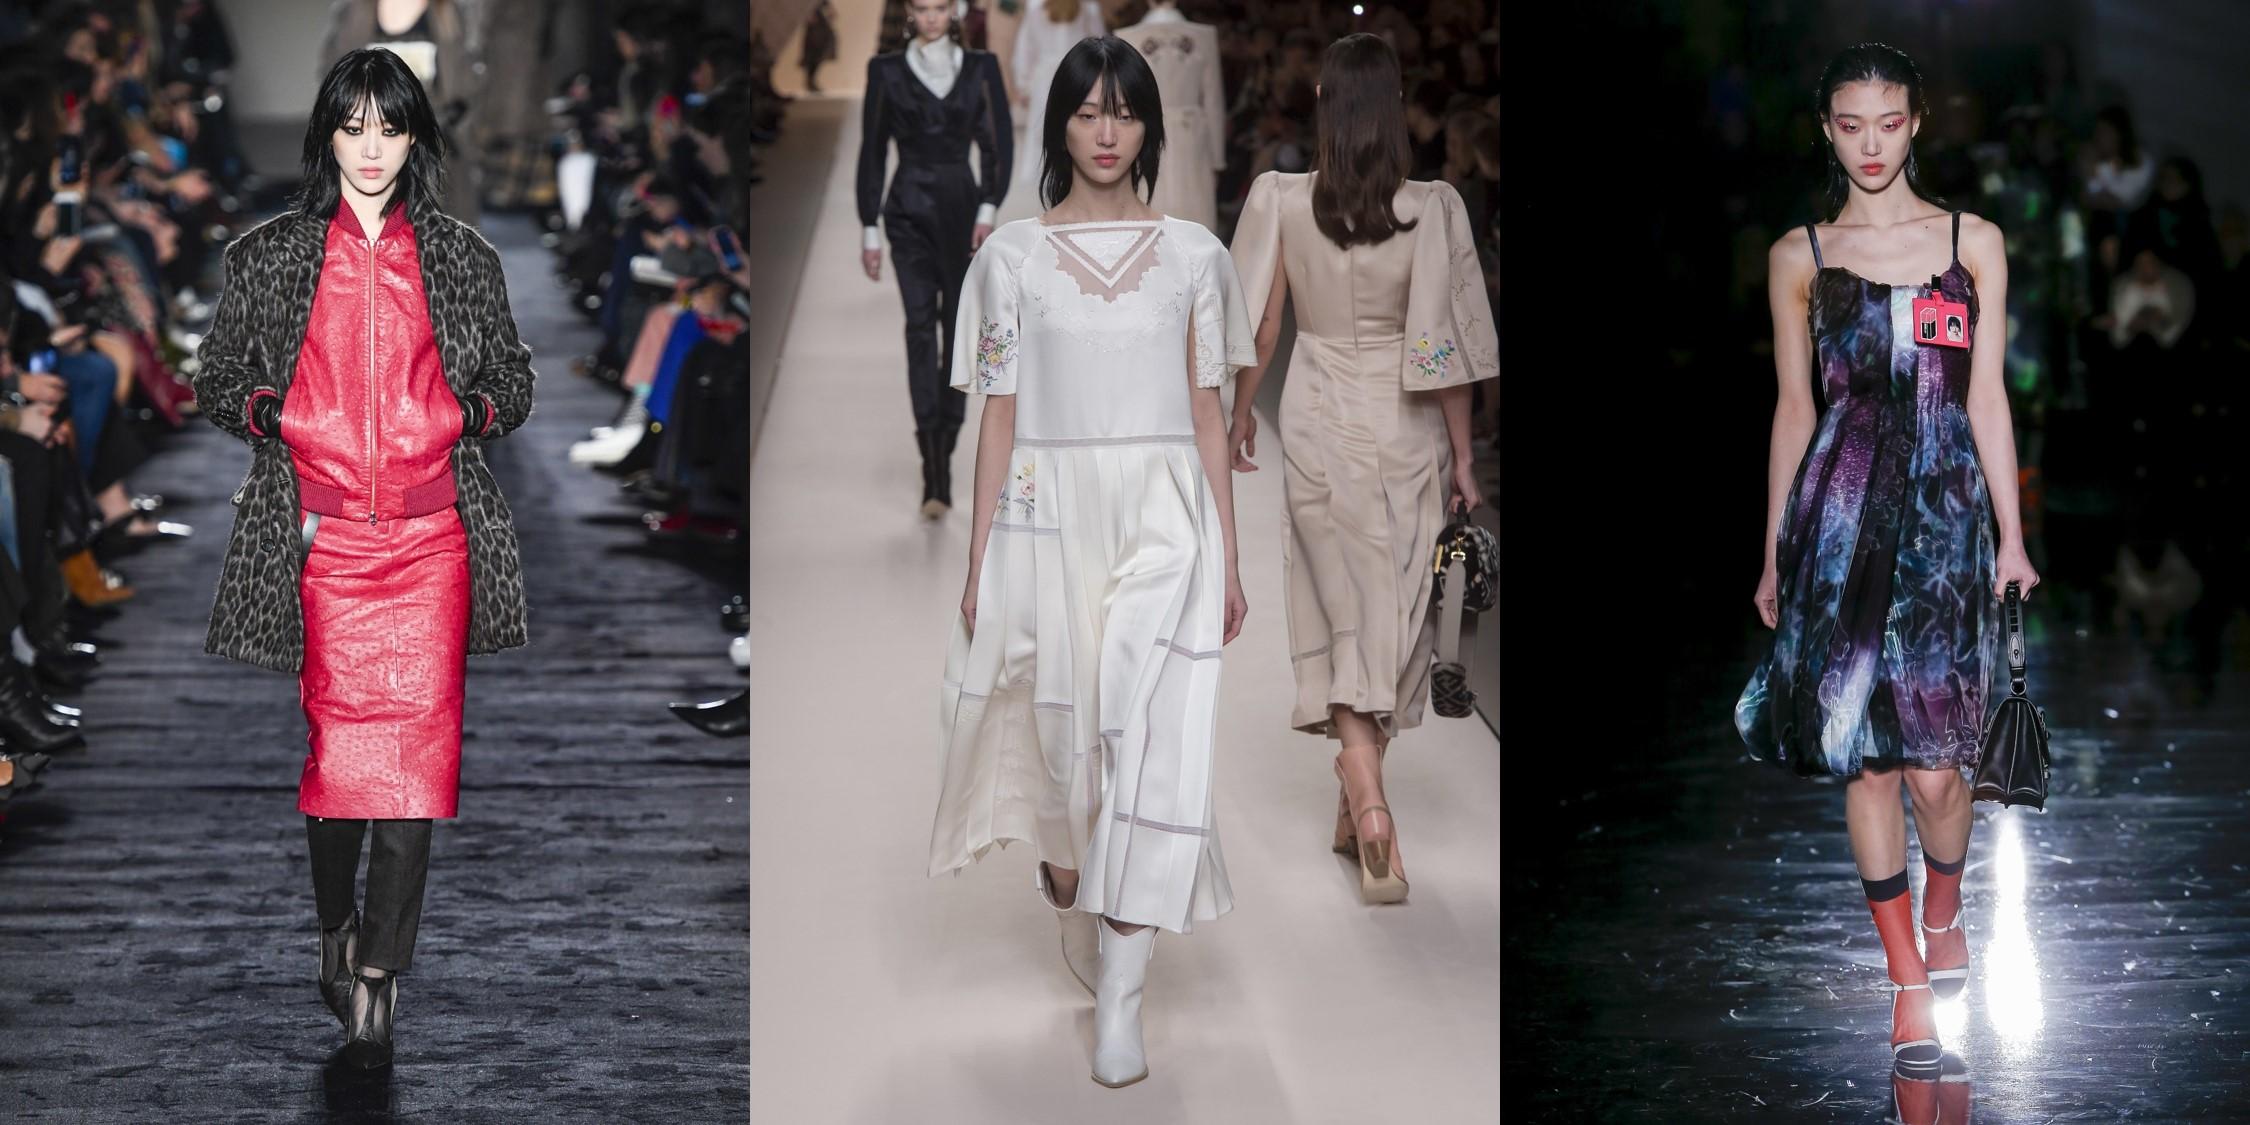 YG 케이플러스 여자 모델들의 밀란 패션위크 런웨이 하이라이트!